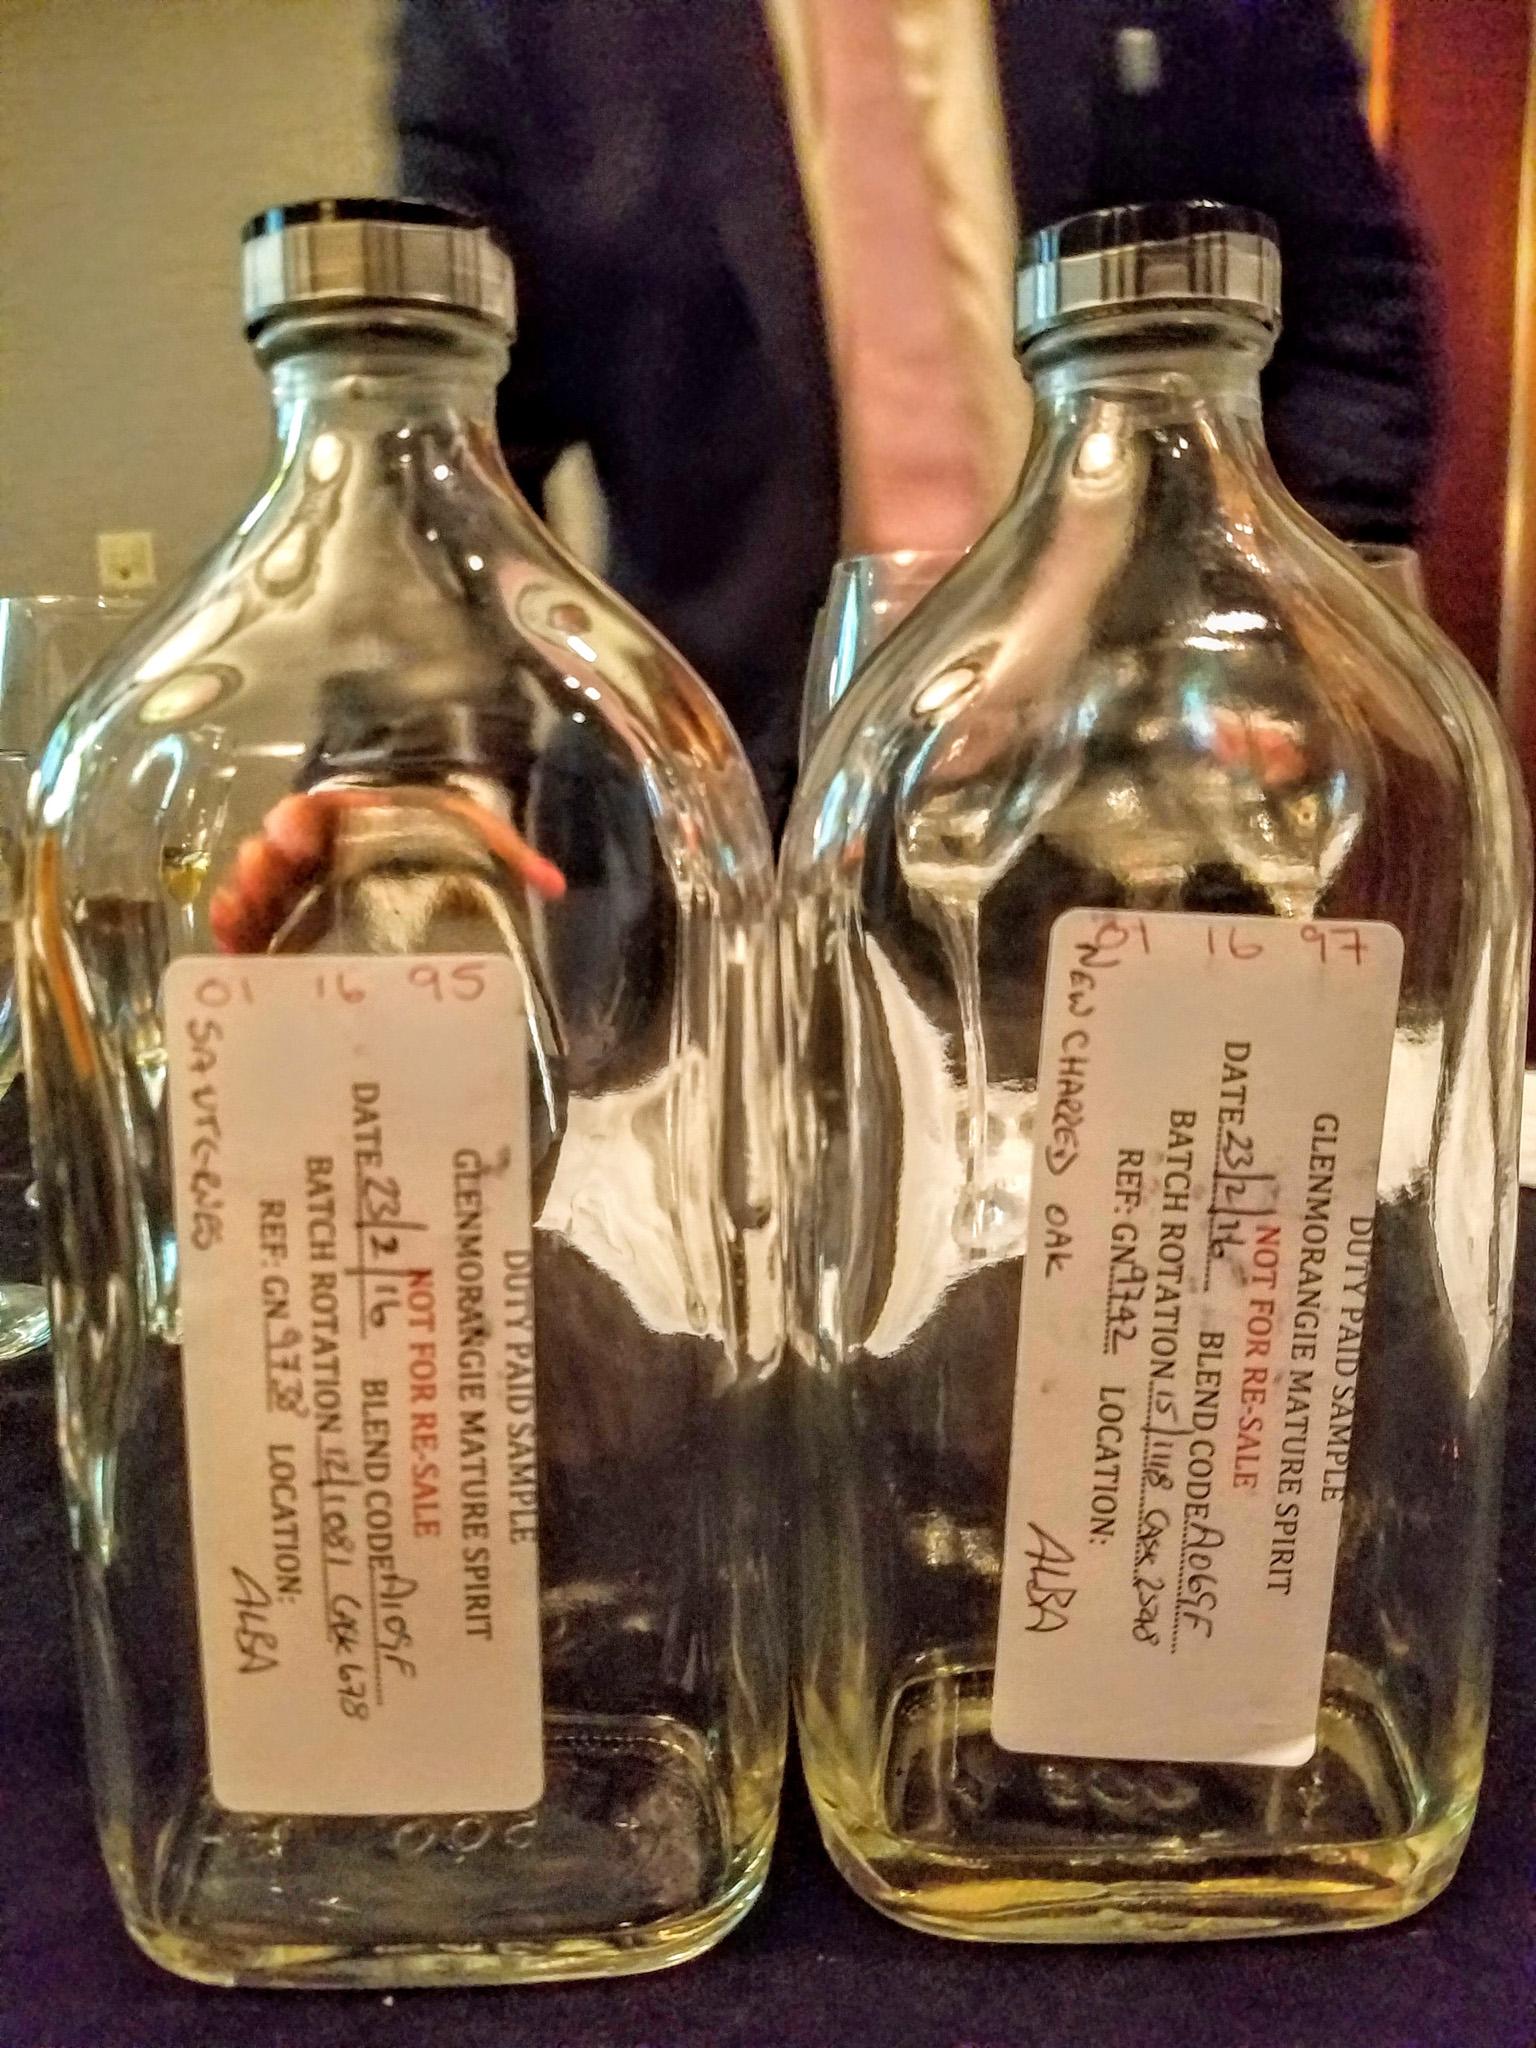 Glenmorangie single cask samples